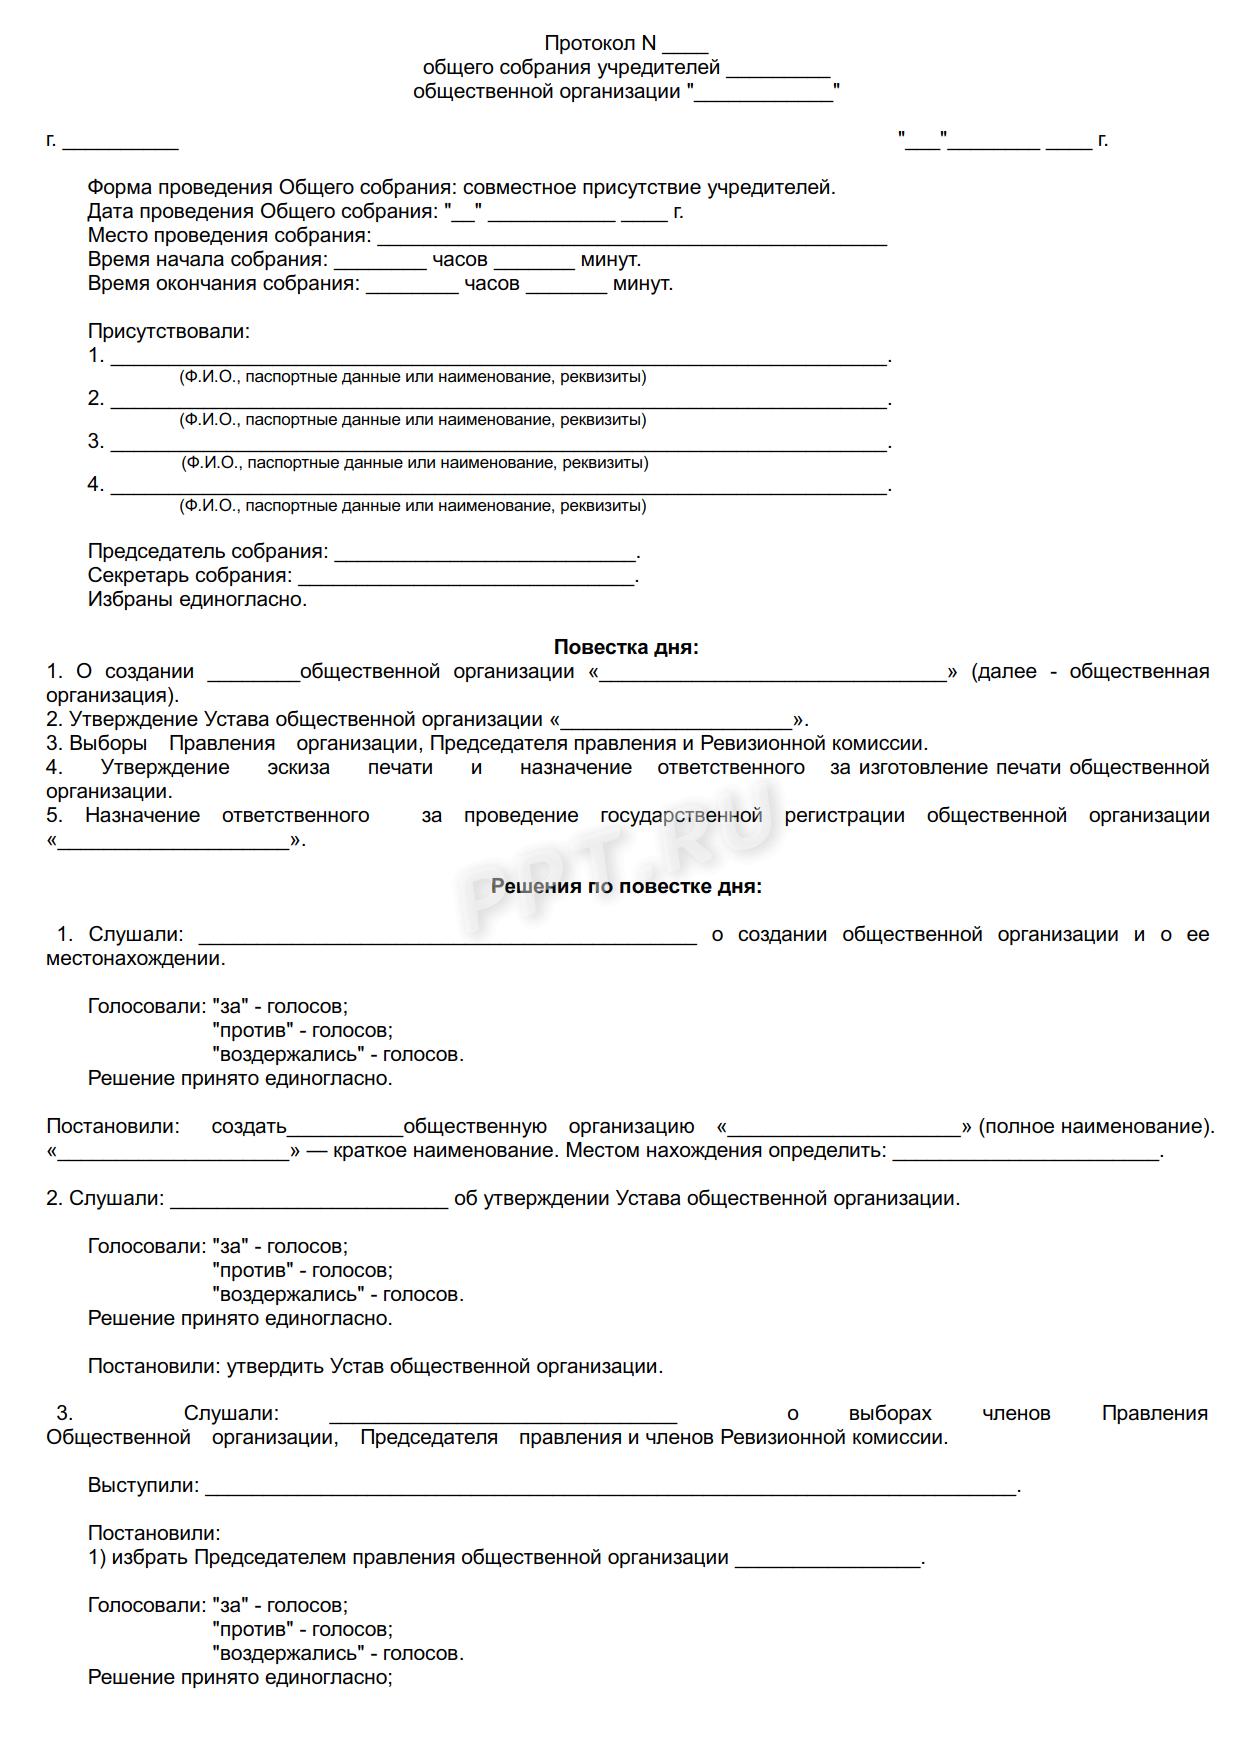 требование к документам при регистрации некоммерческих организаций